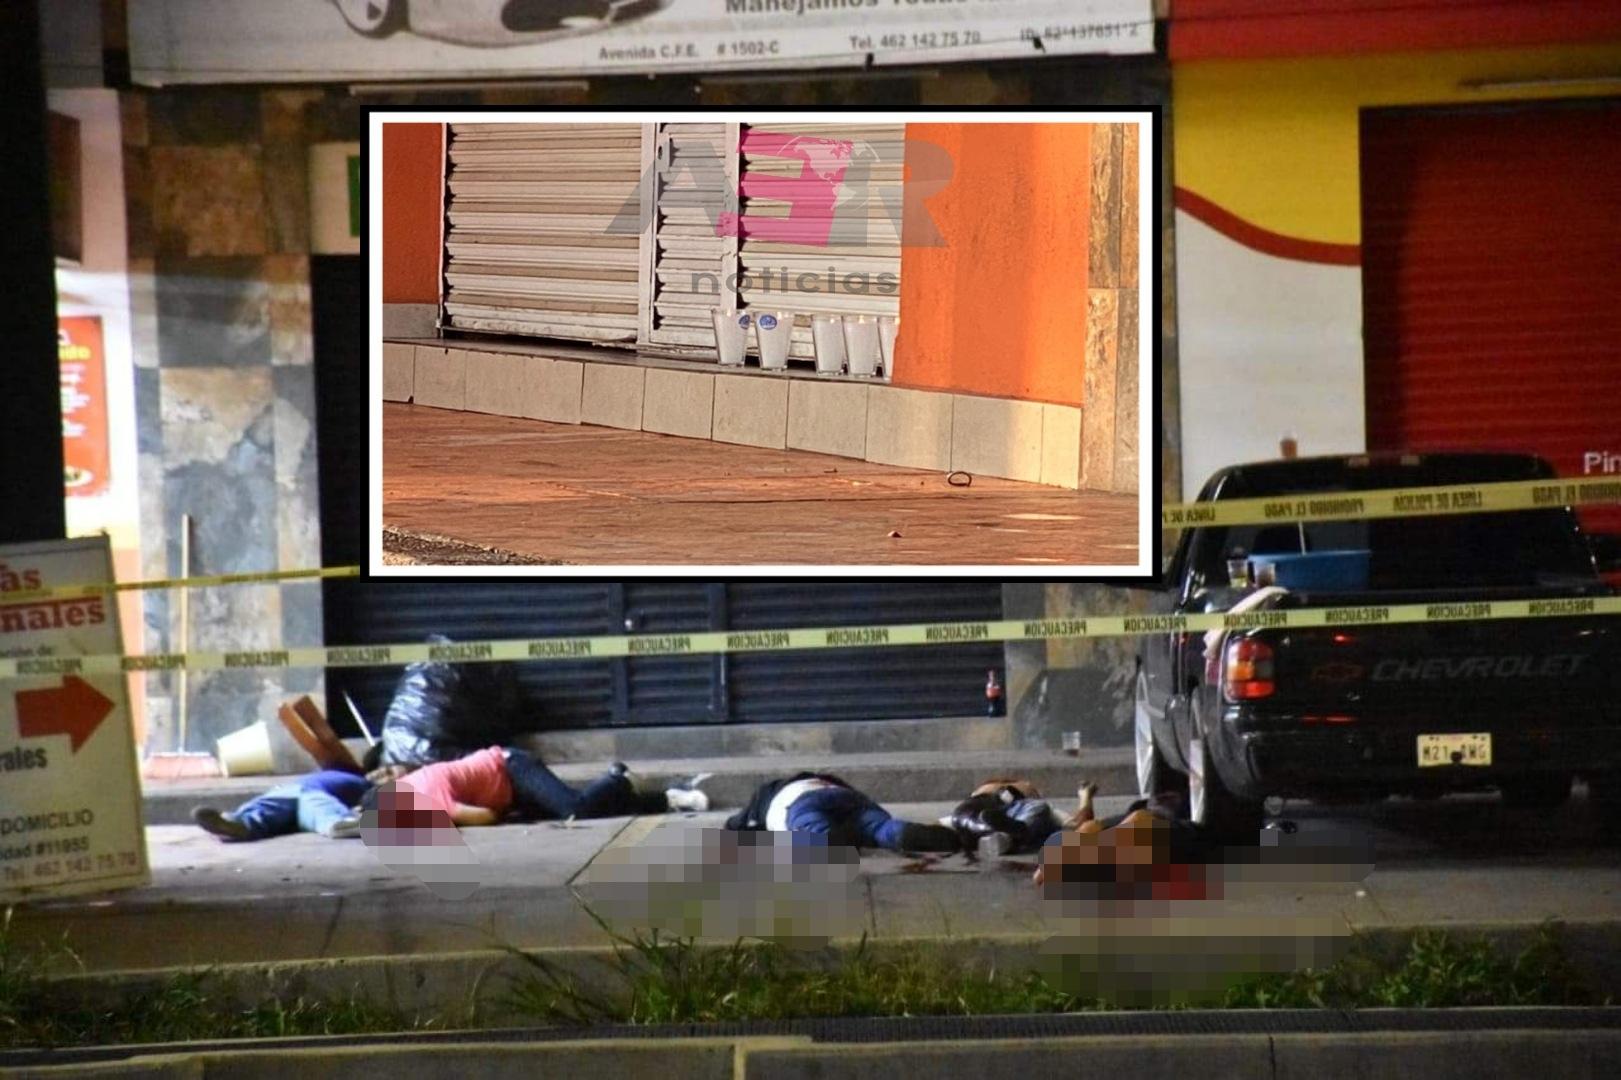 Cinco muertos y un herido en ataque armado en el exterior de taquería 4